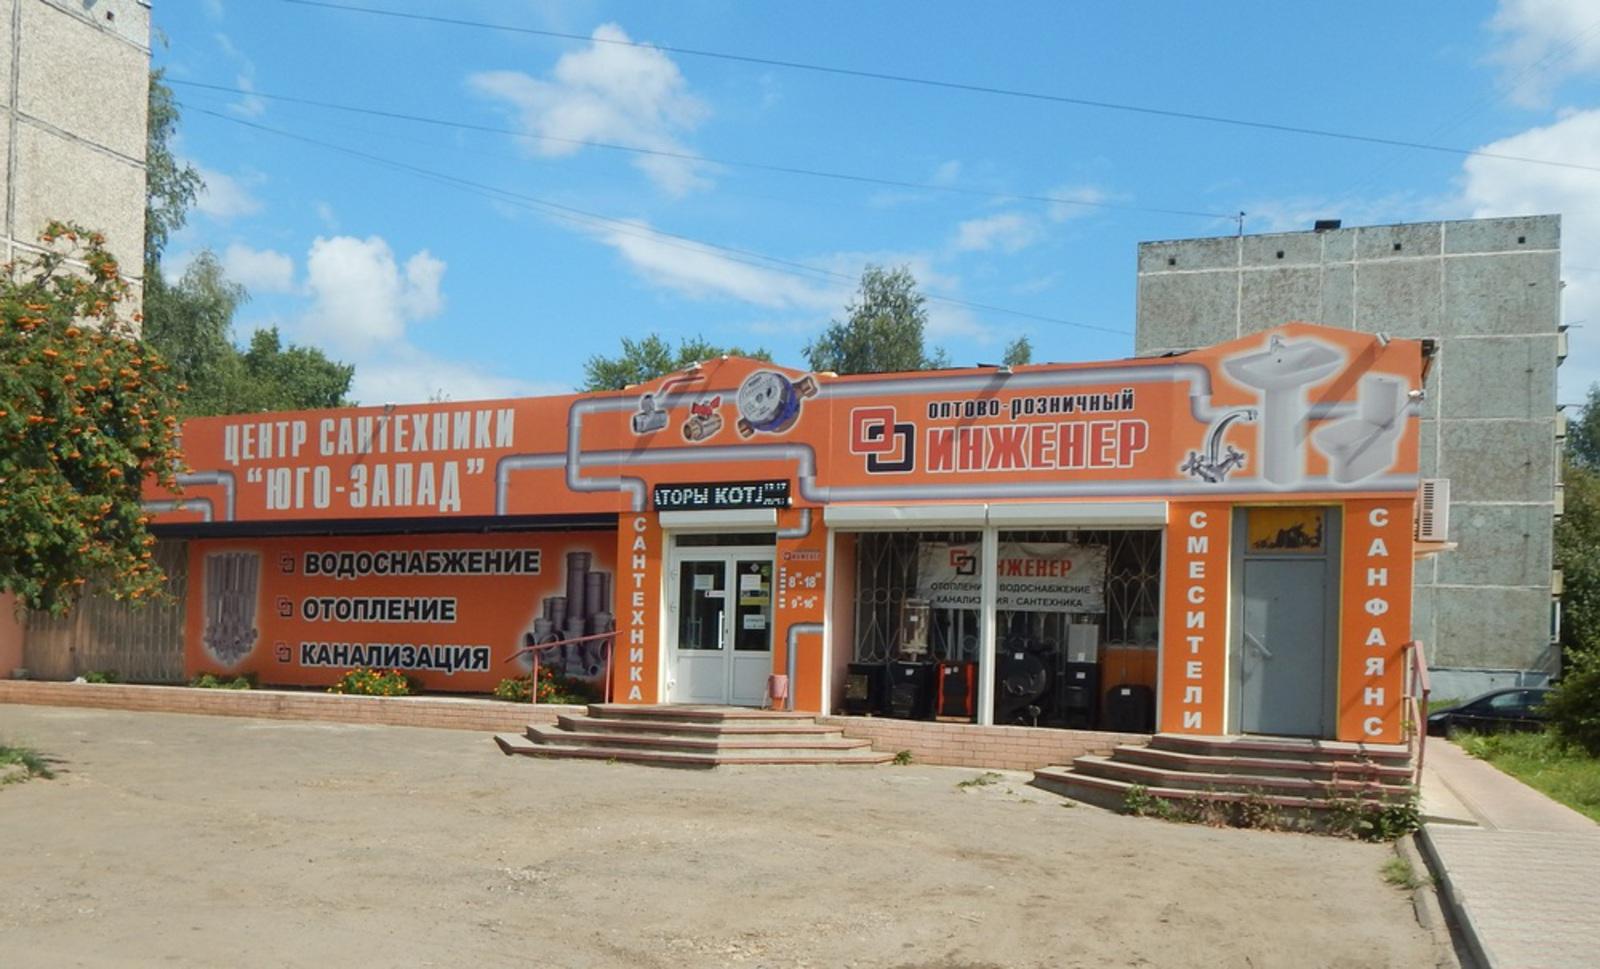 Магазин сантехники Инженер в Кирове